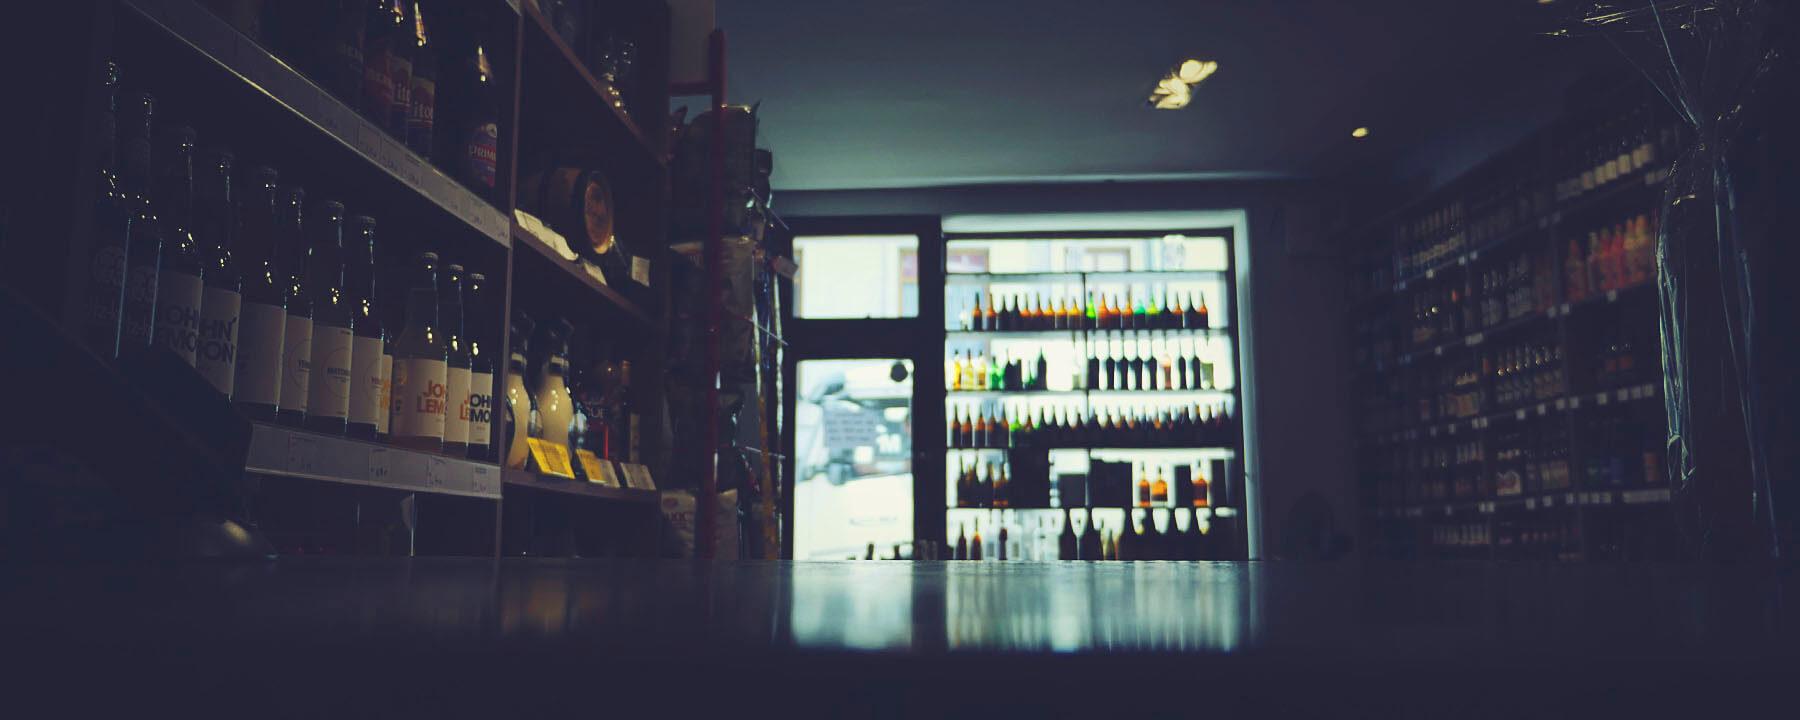 Zdjęcia wnętrza galerii z alkoholami